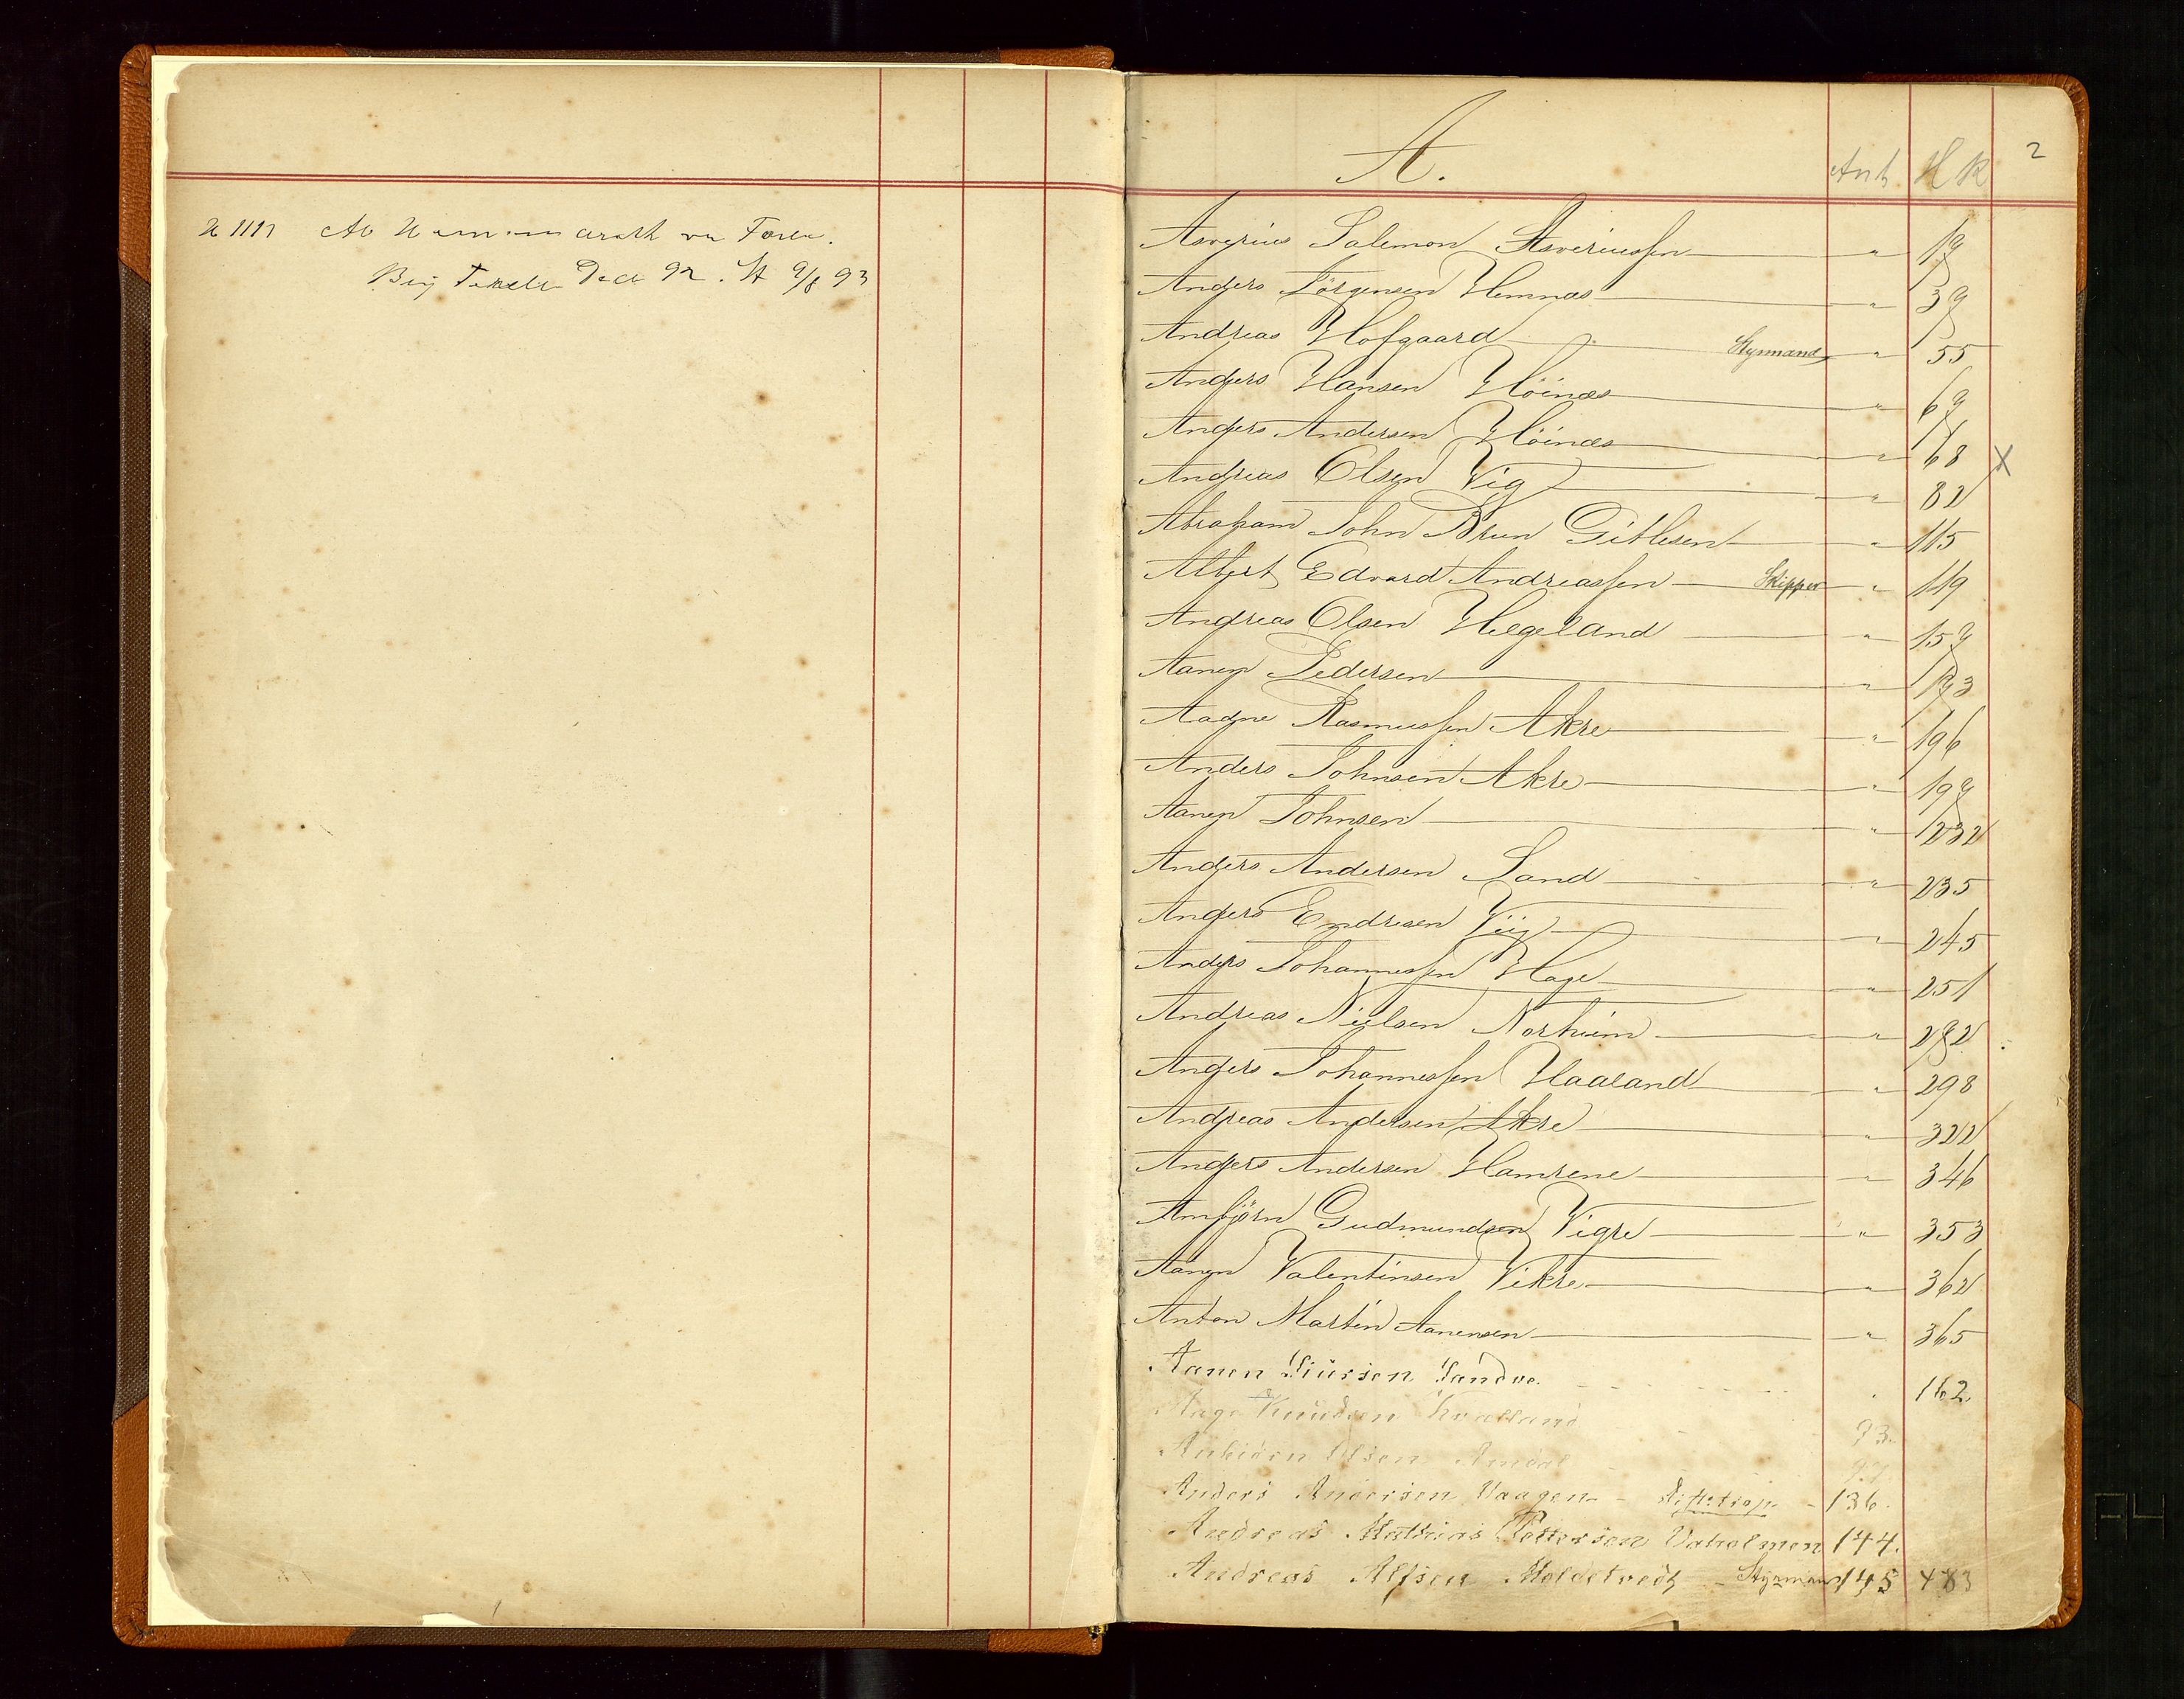 SAST, Haugesund sjømannskontor, F/Fb/Fba/L0003: Navneregister med henvisning til rullenummer (fornavn) Haugesund krets, 1860-1948, s. 2